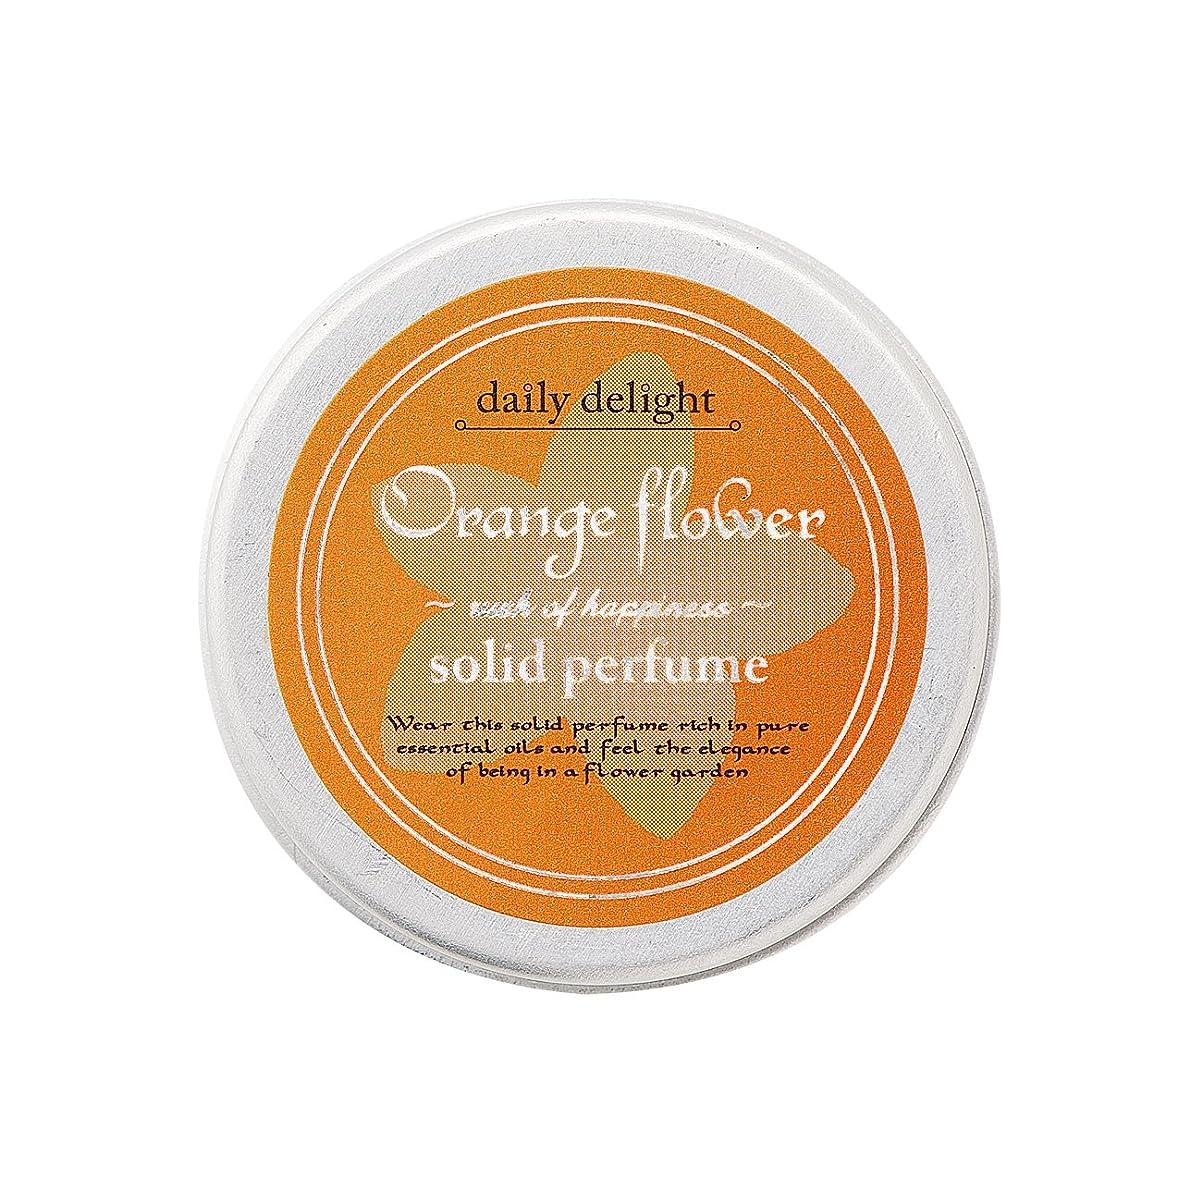 閃光ランク曲げるデイリーディライト 練り香水 オレンジフラワー  10g(香水 携帯用 ソリッドパフューム アルコールフリー なつかしい甘さが残るオレンジフラワーの香り)